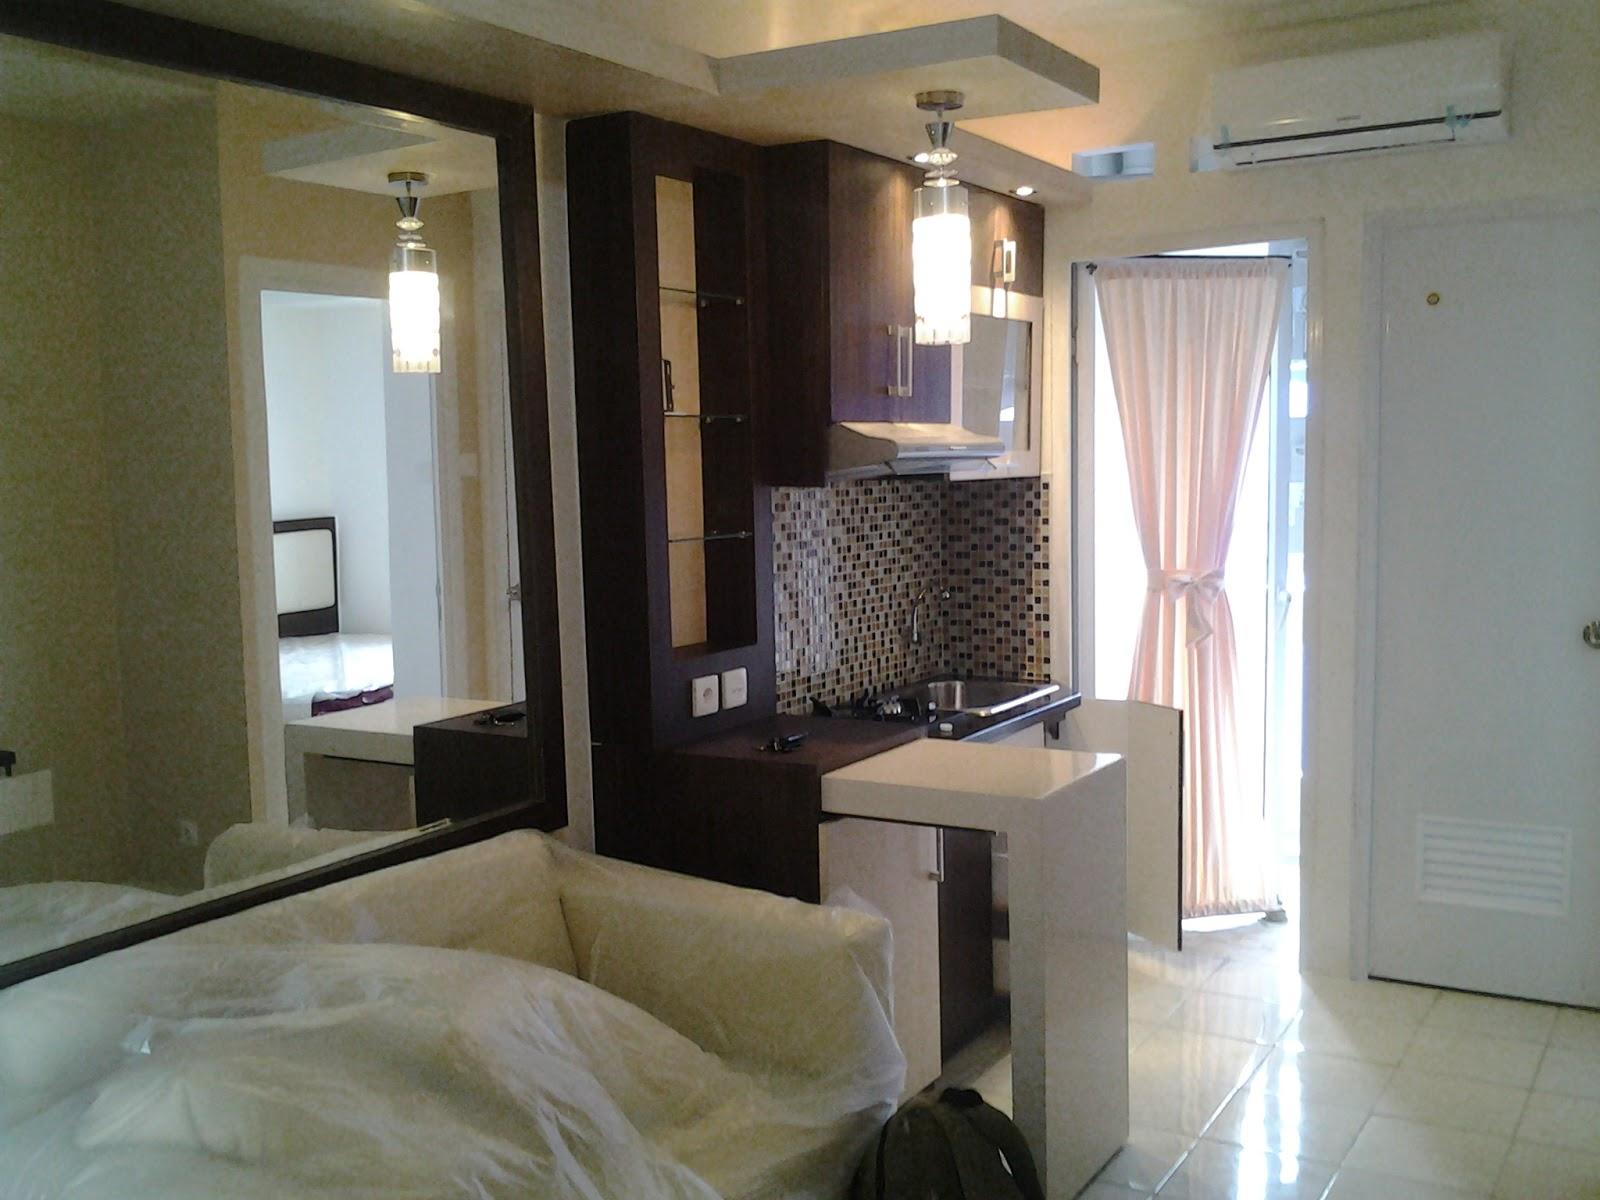 desain interior apartemen 2 kamar | gambar desain rumah minimalis